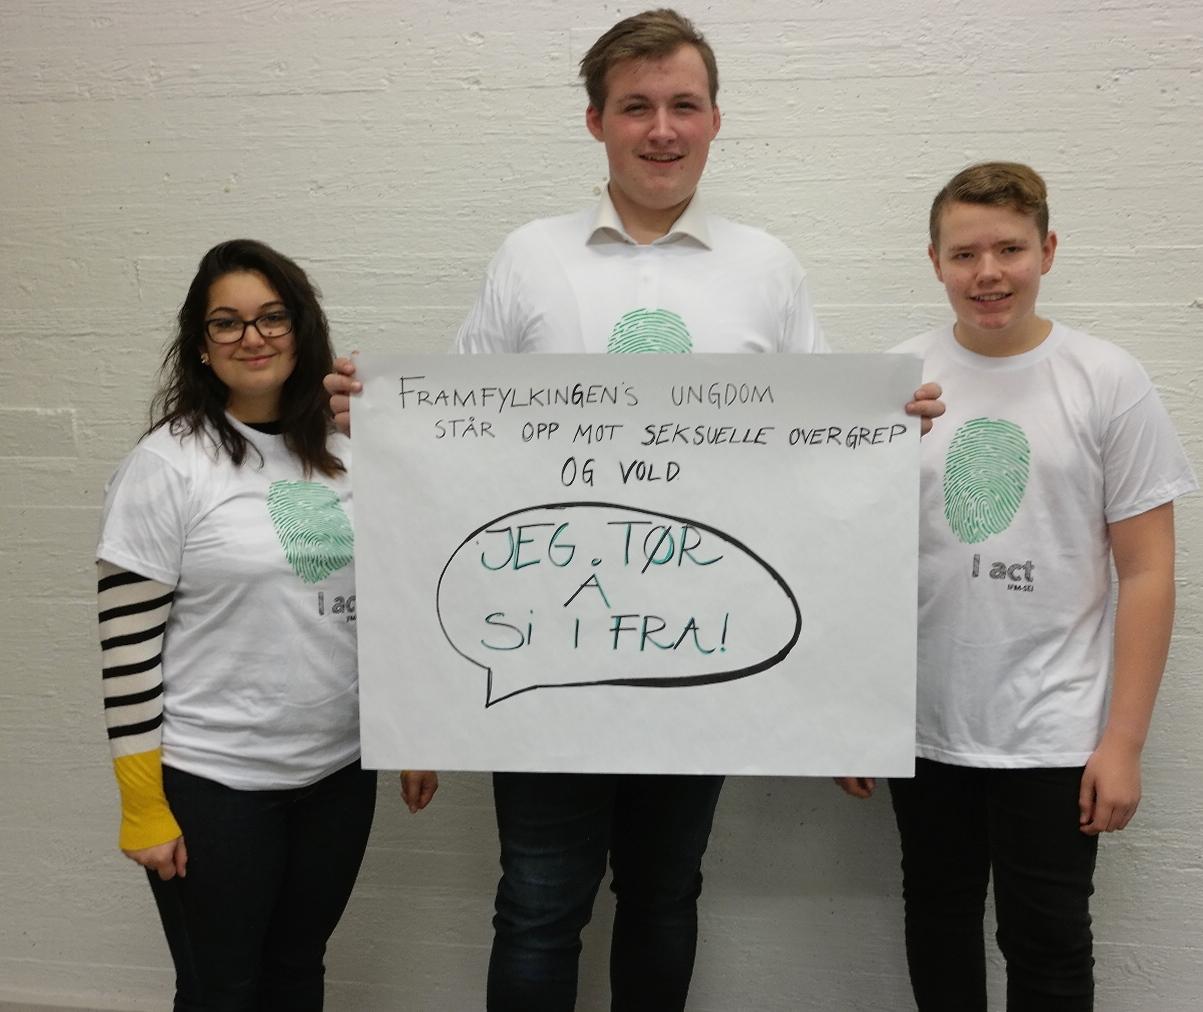 Viser tre ungdommer med en kampanjeplakat